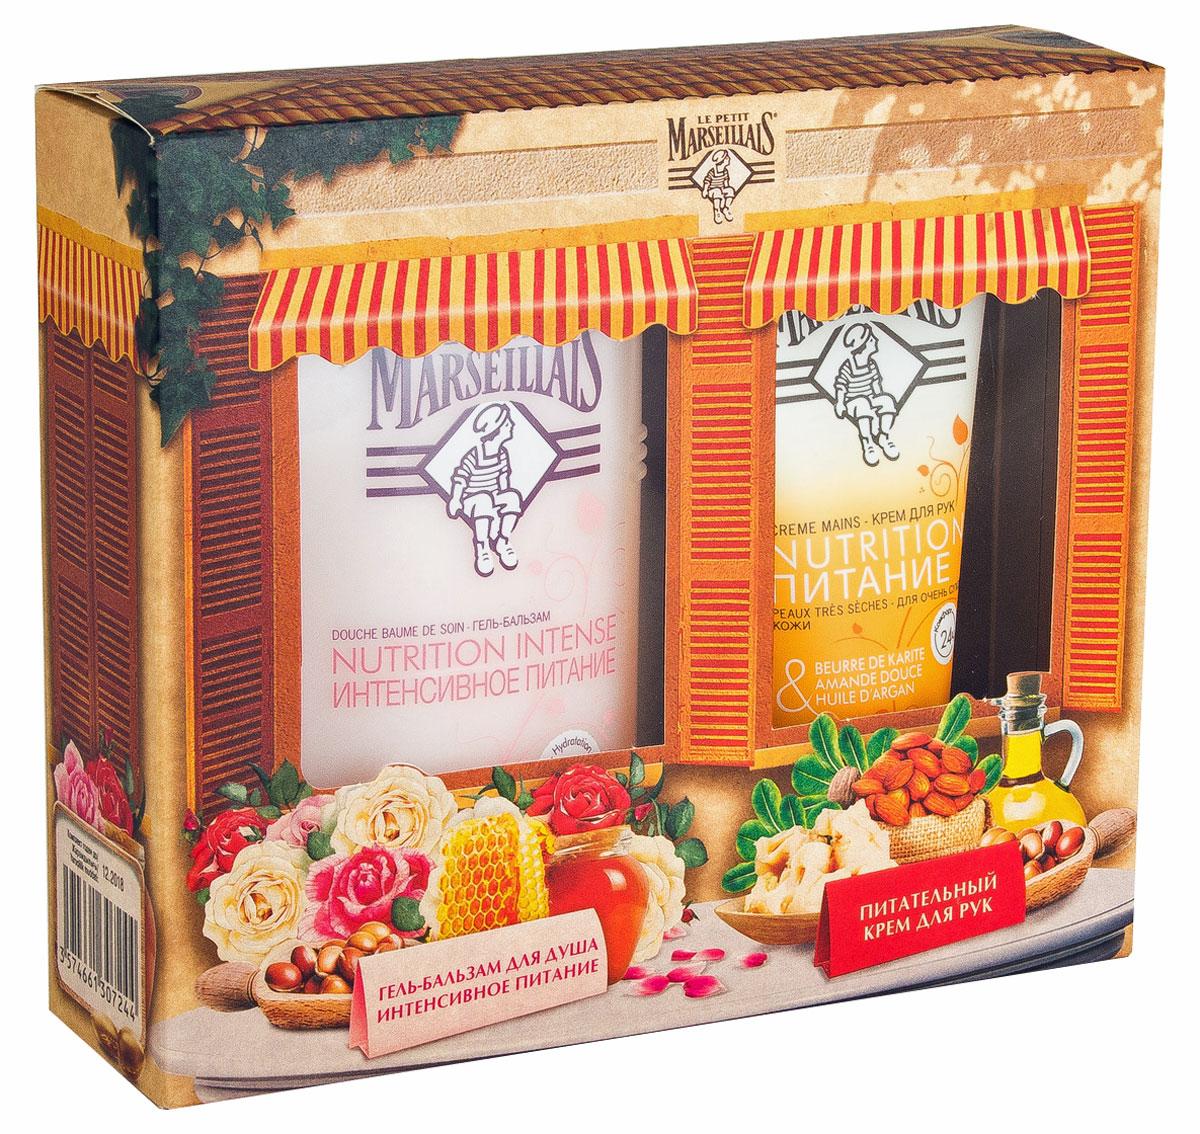 Le Petit Marseillais Подарочный набор: Гель-бальзам Масло арганы, пчелиный воск, масло лепестков розы, 250мл + Крем для рук Карите, сладкий миндаль, масло арганового дерева, 75мл0303403821Для нашего рецепта мы отобрали 3 восхитительных ингредиента: Масло оливы, Пчелиный воск и Масло сладкого миндаля. Гель-бальзам отличают приятная текстура и тонкий аромат. Он интенсивно питает и увлажняет кожу в течении 24 часов. Нейтральный для кожи pH. Протестировано дерматологами. Моющая основа растительного происхождения. *ингредиенты моющей основы легко распадаются на компоненты. Специально для сухой кожи Le Petit Marseillais разработал рецепт крема на основе 3-х с ингредиентов известных своими питательными и смягчающими свойствами: масло карите, масла арганового дерева и сладкого миндаля.